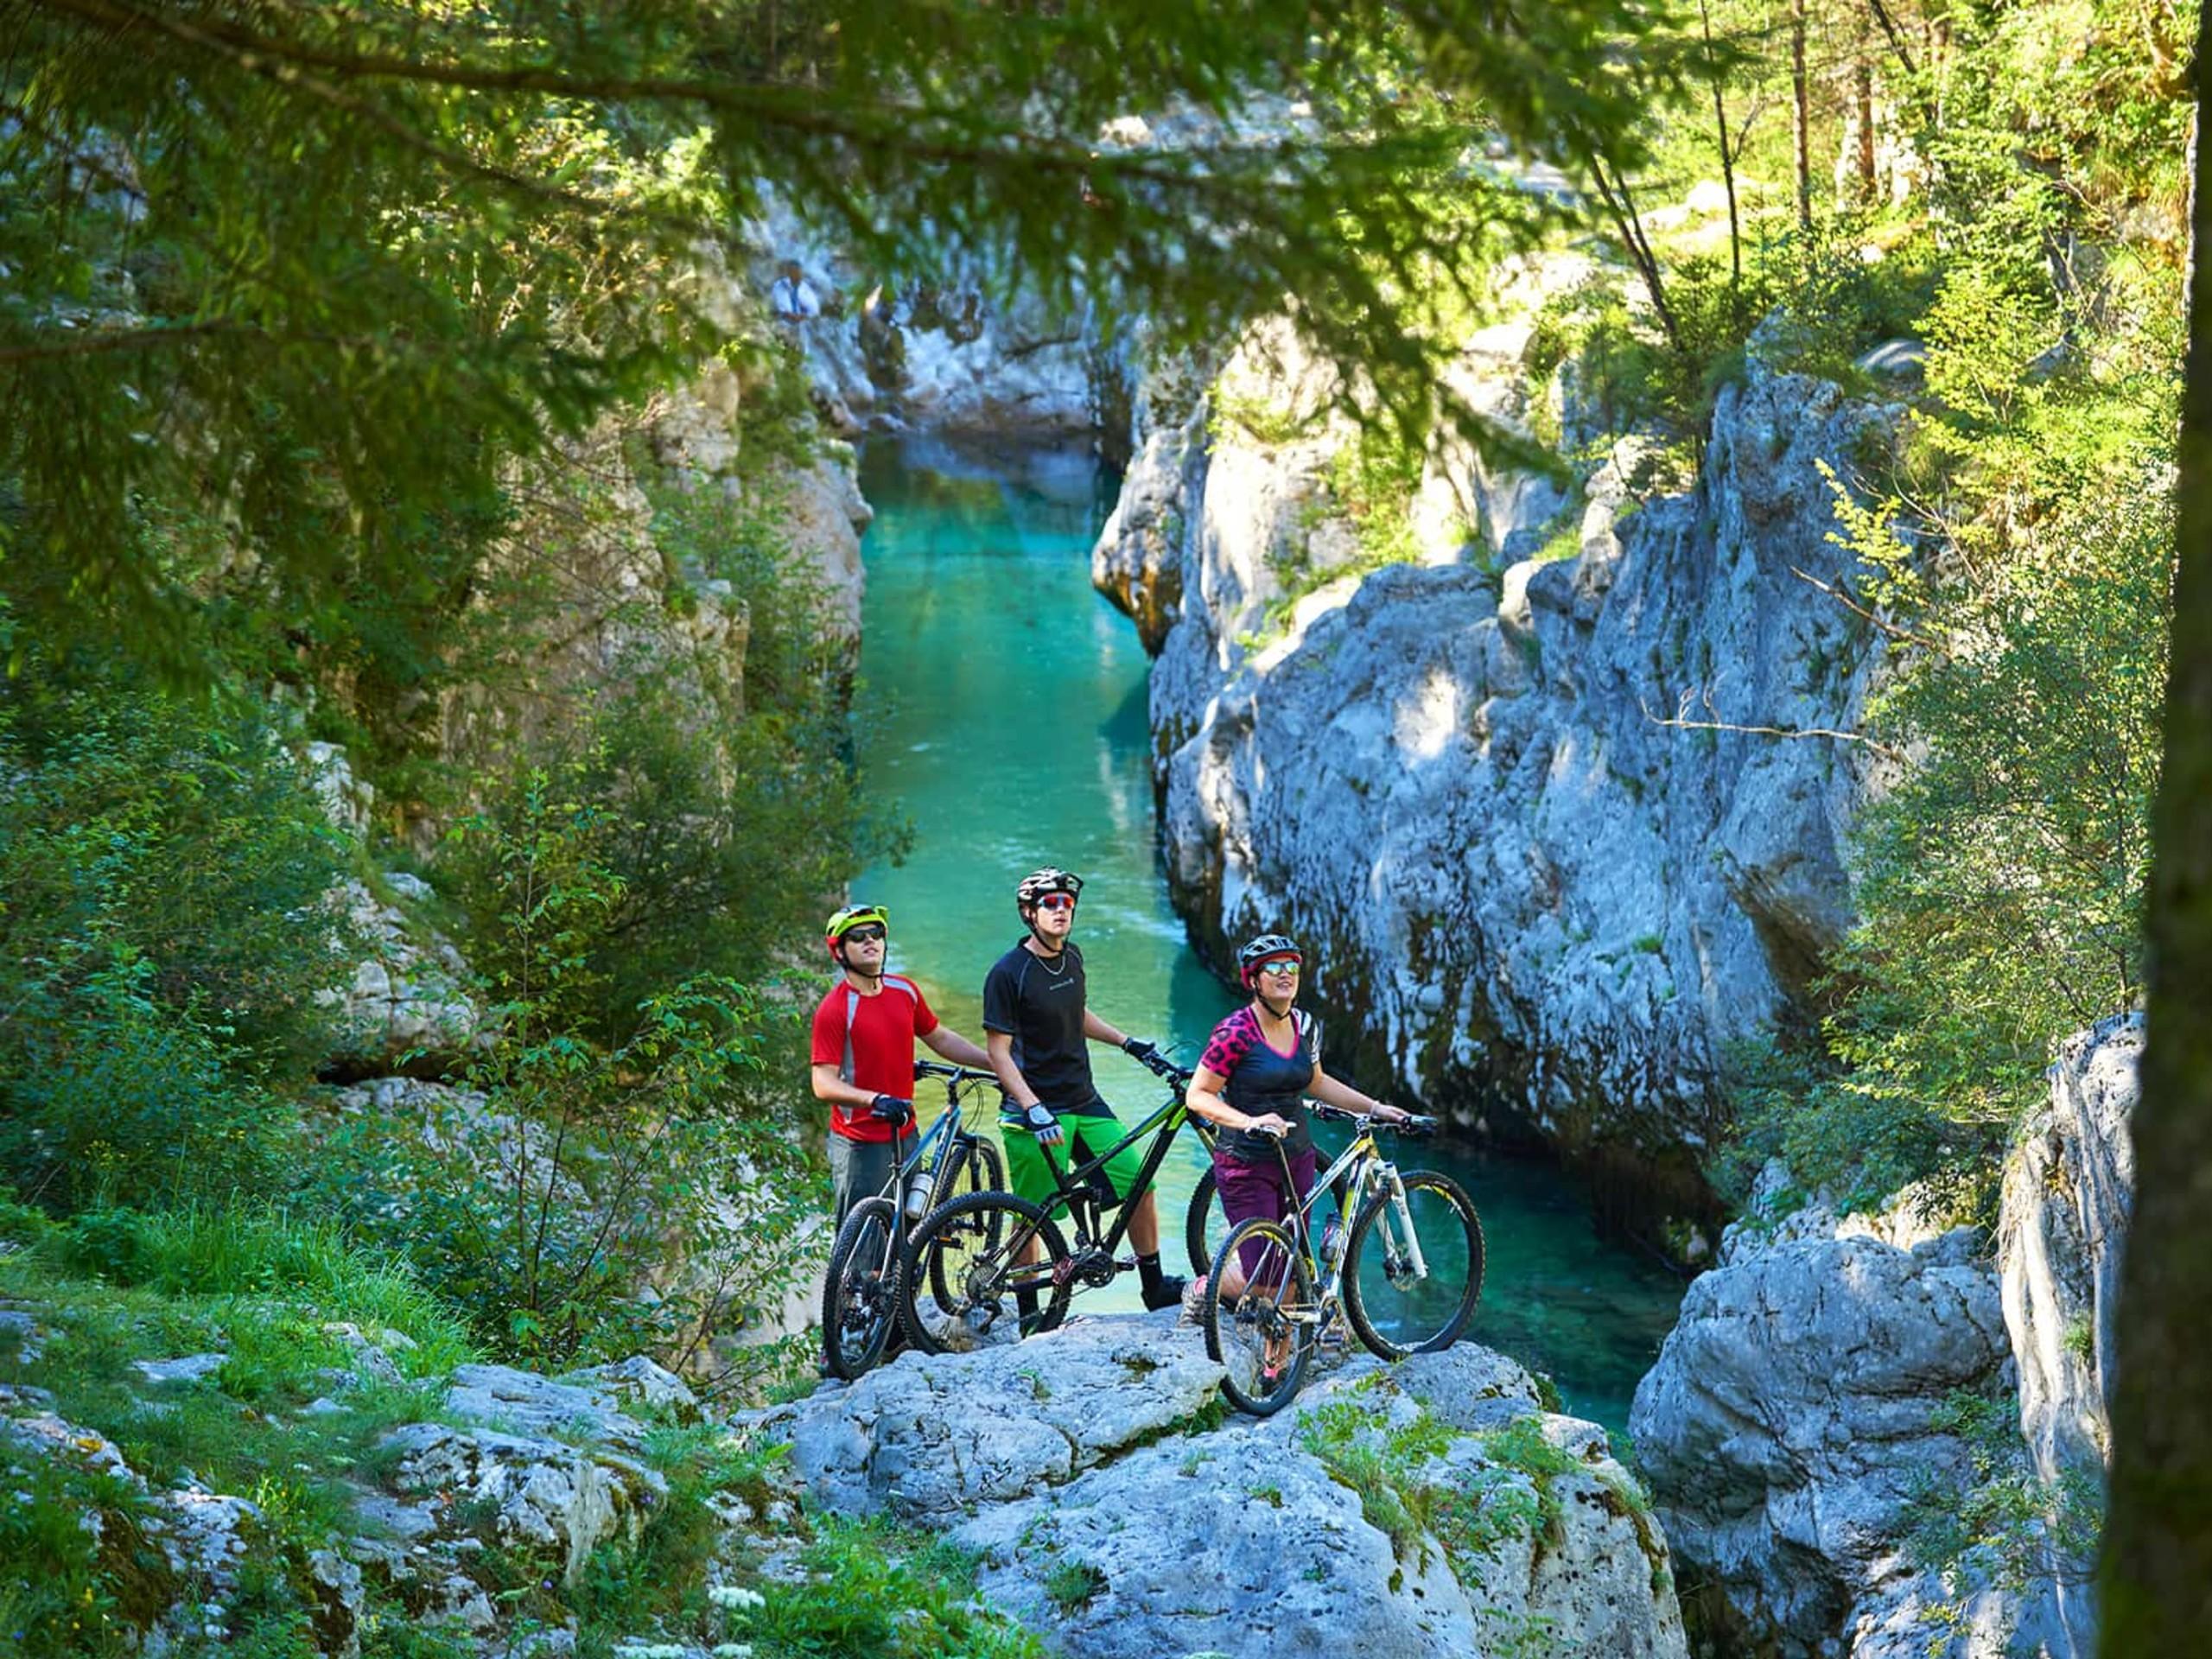 Three bikers in Slovenia